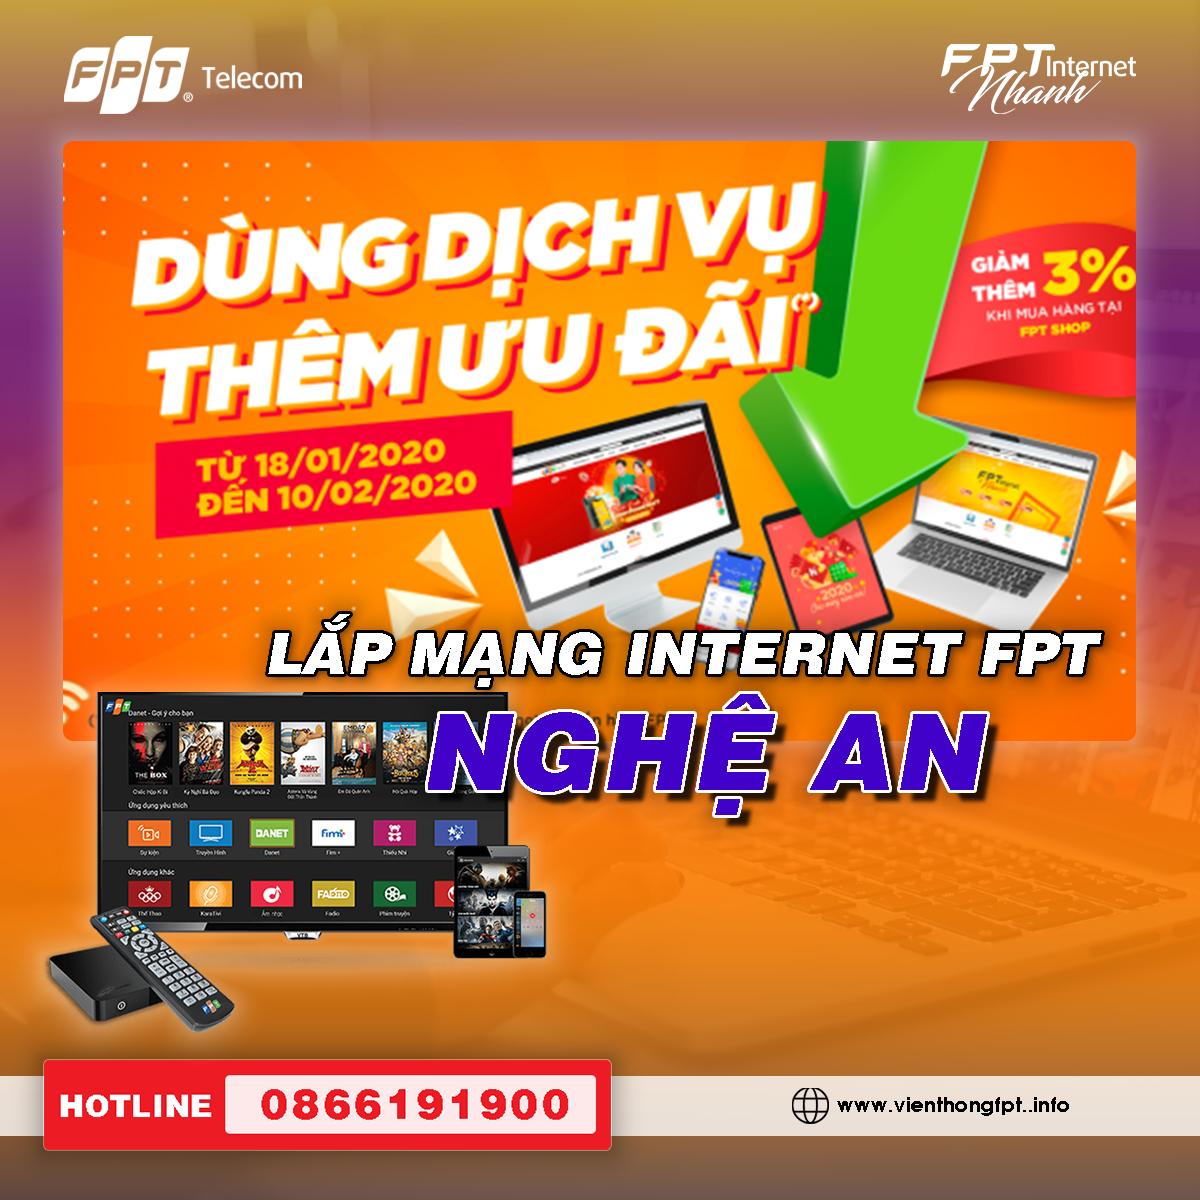 Đăng ký Internet FPT Nghệ An - Miễn phí hòa mạng - Trang bị Modem Wifi